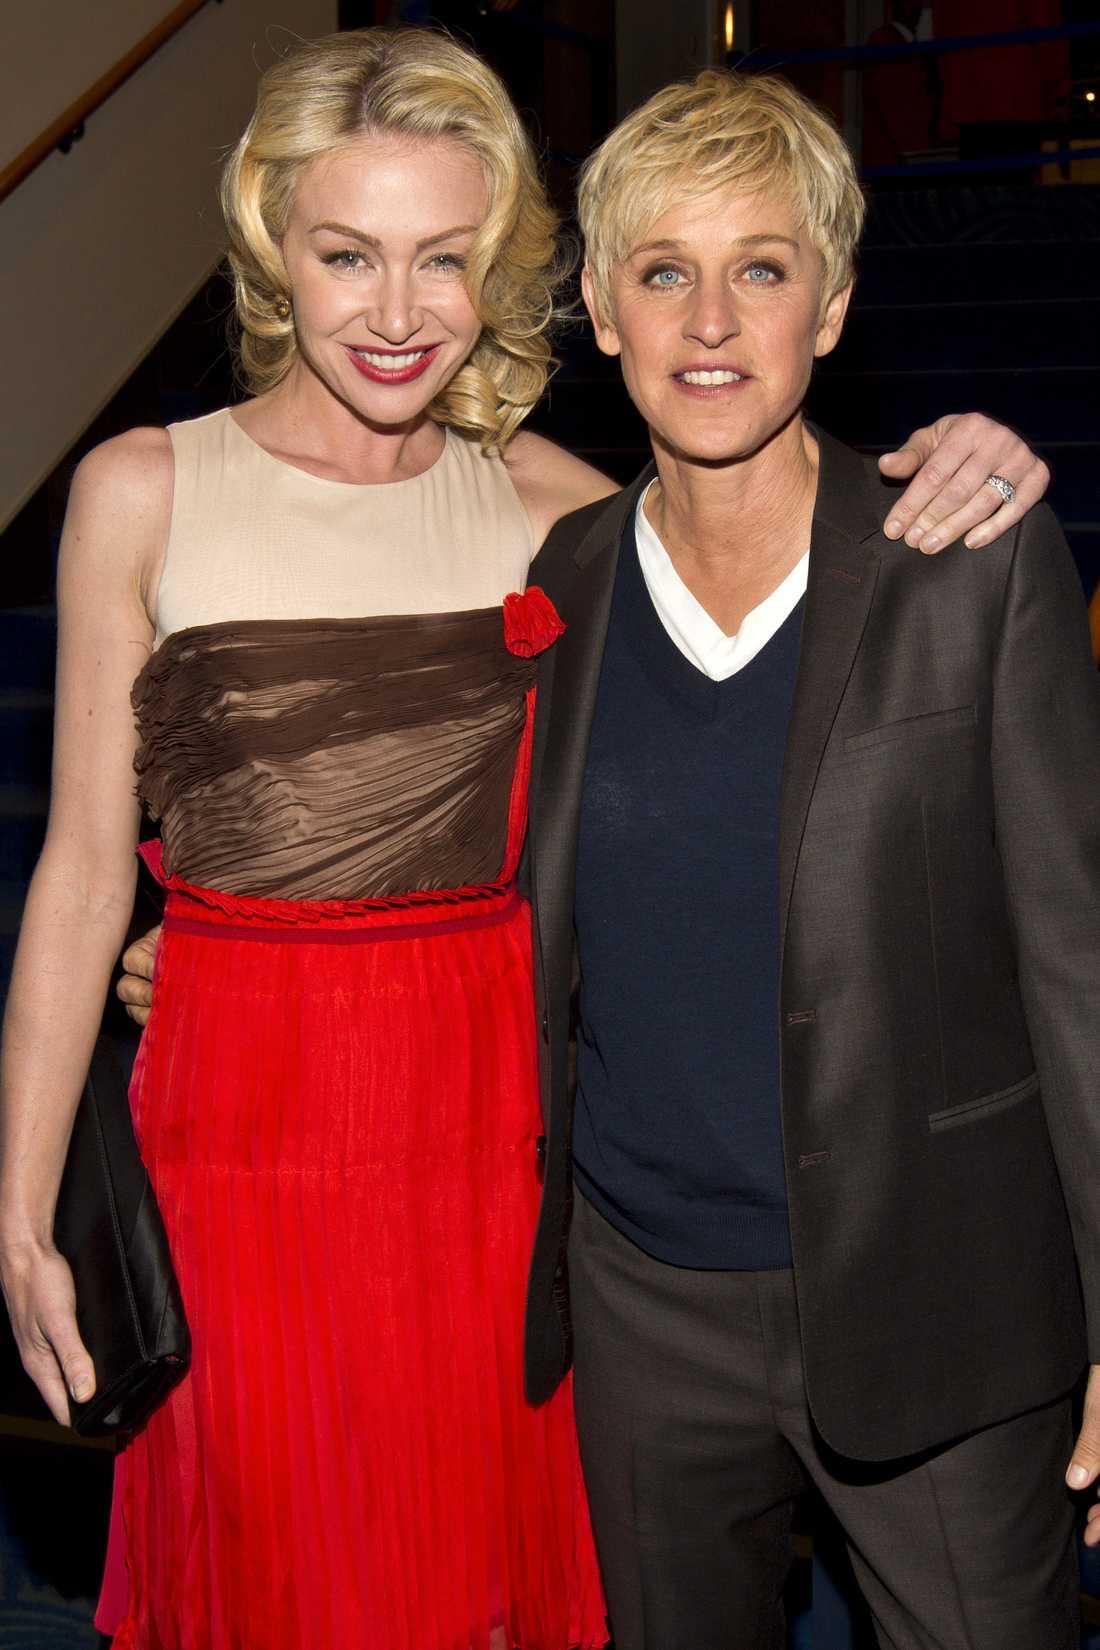 """PORTIA DE ROSSI Skådespelaren är sedan 2008 gift med komikern Ellen DeGeneres. Så här beskriver hon mötet med tv-stjärnan: """"Mina knän blev svaga och det kändes som att jag blev skjuten i hjärtat med en pil. Vi gillade varandra väldigt, väldigt mycket och det fanns definitivt en hel del kemi där""""."""